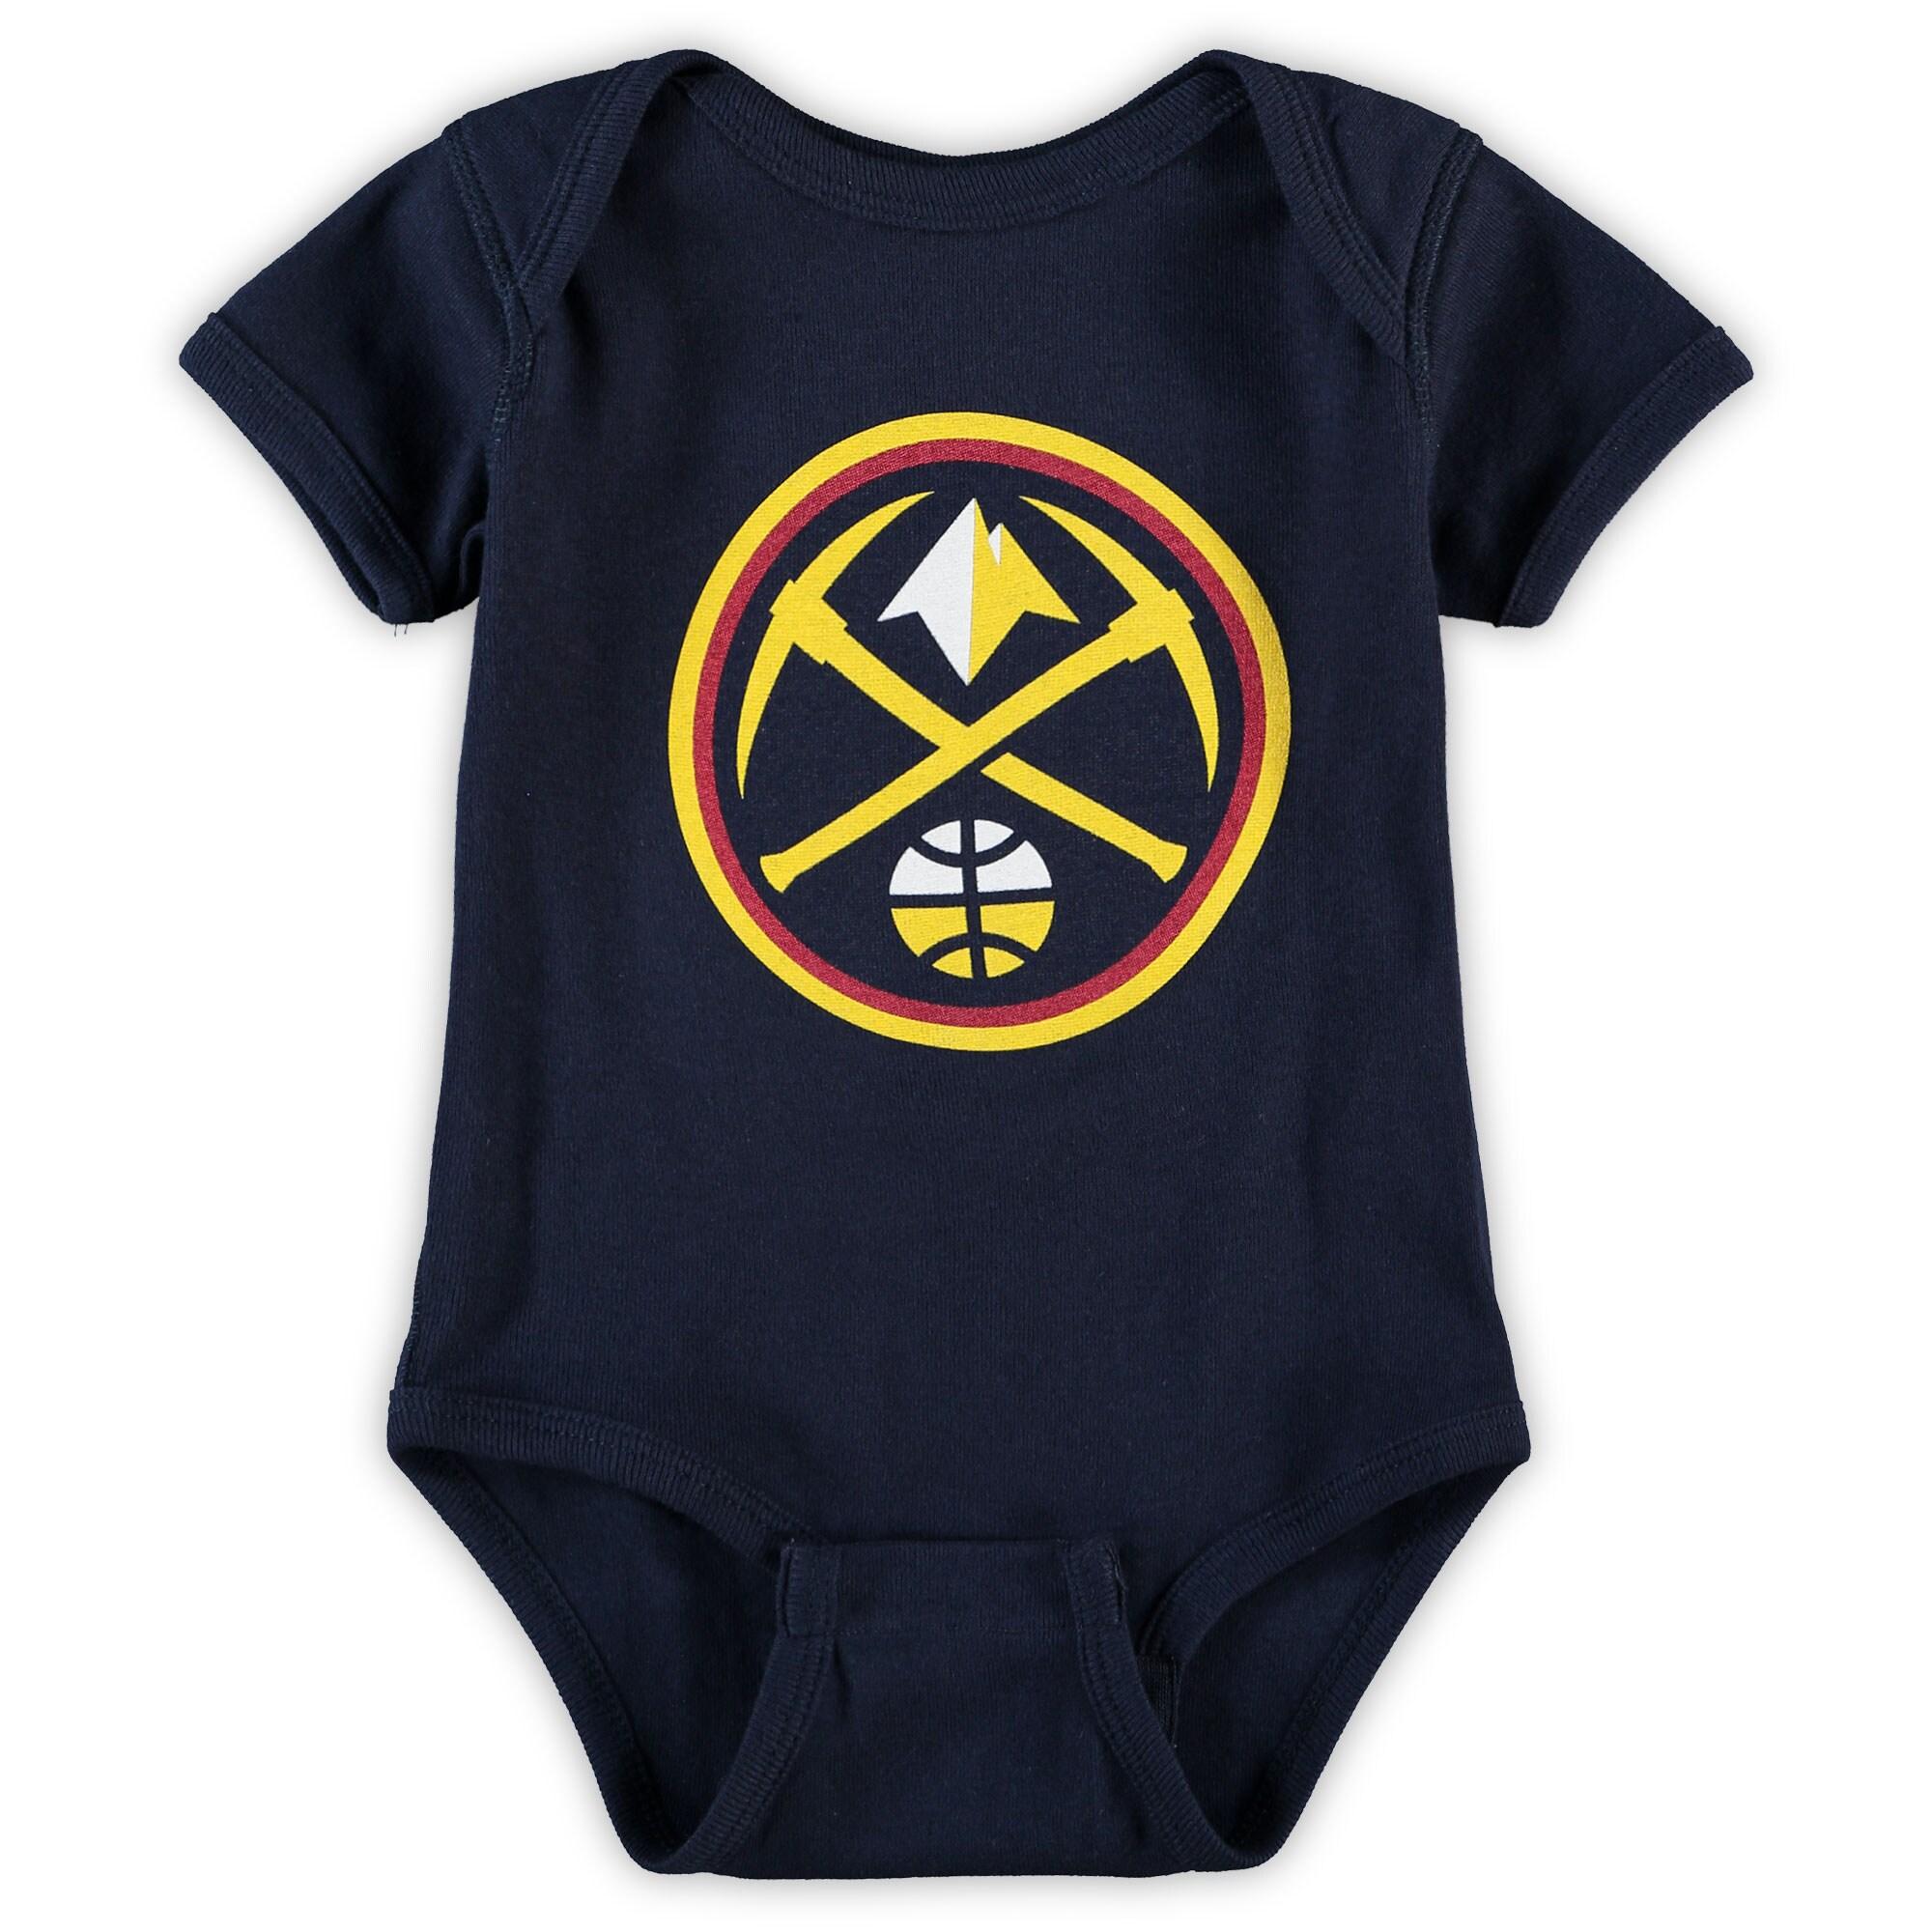 Denver Nuggets Infant Primary Team Logo Bodysuit - Navy